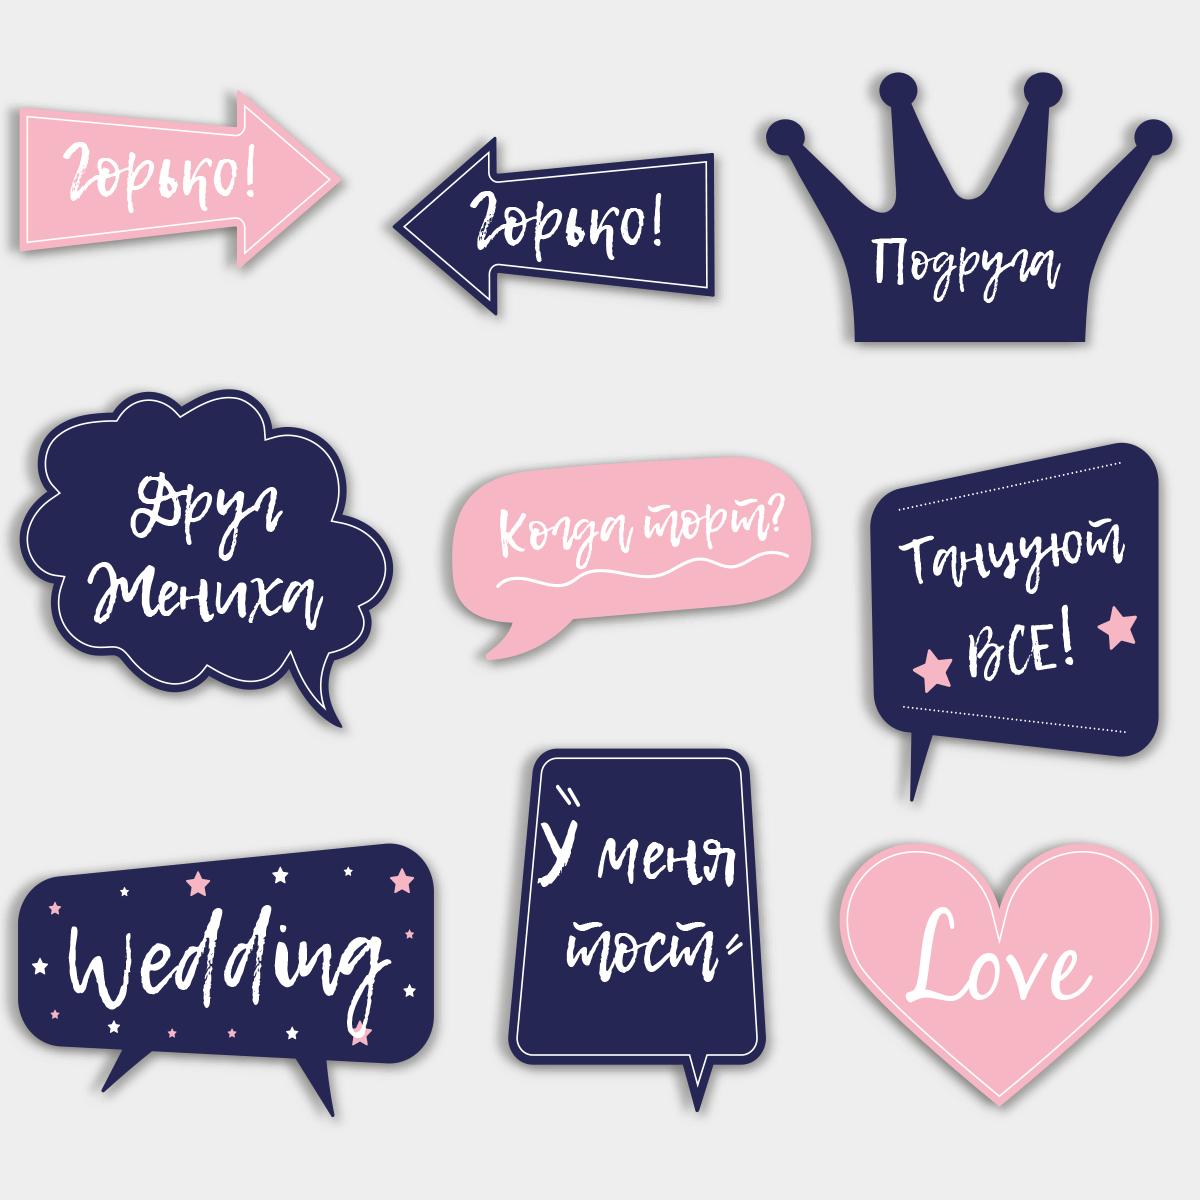 Фотобутафория Свадебная Сине-розовая 9 элементов